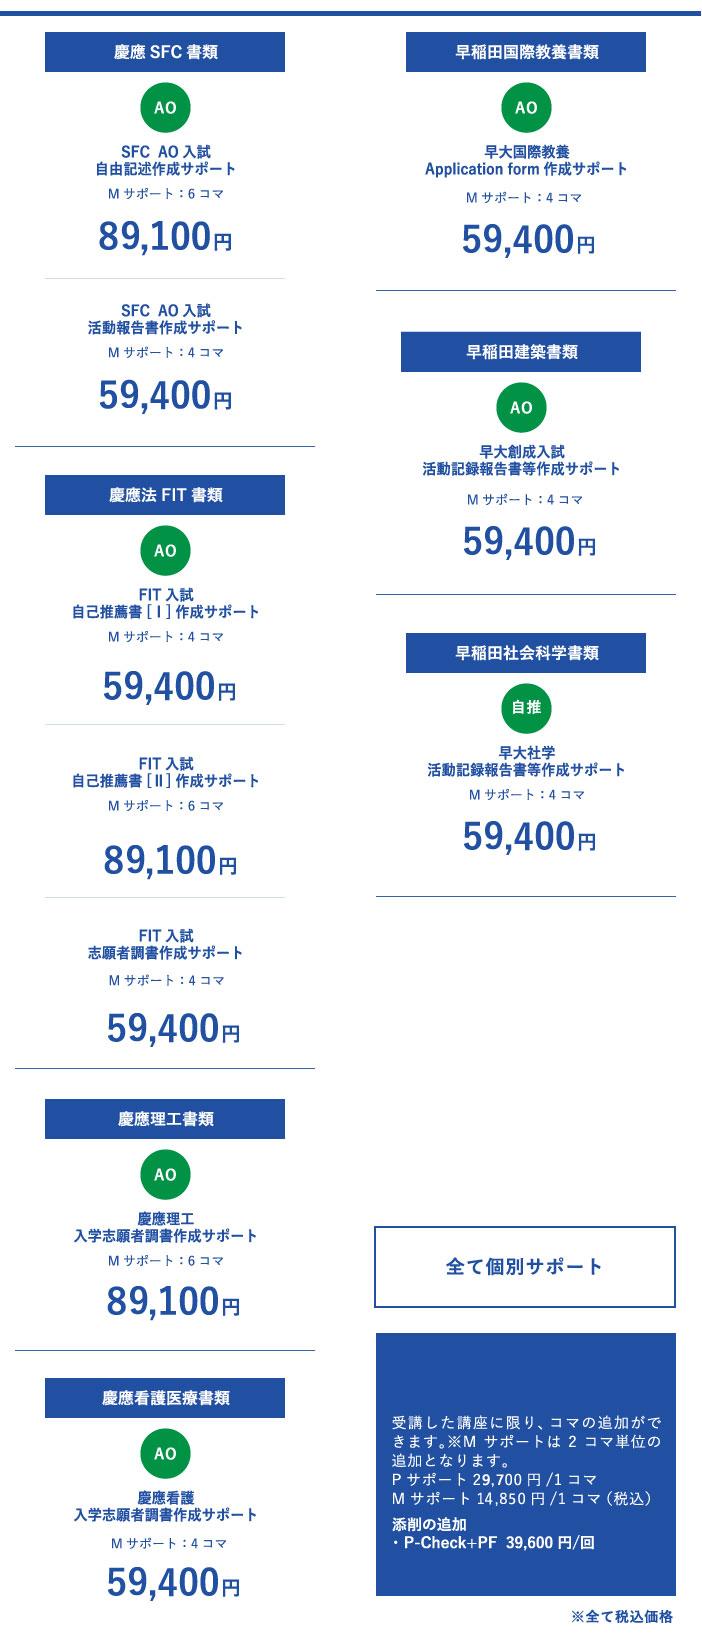 書類オプション価格表